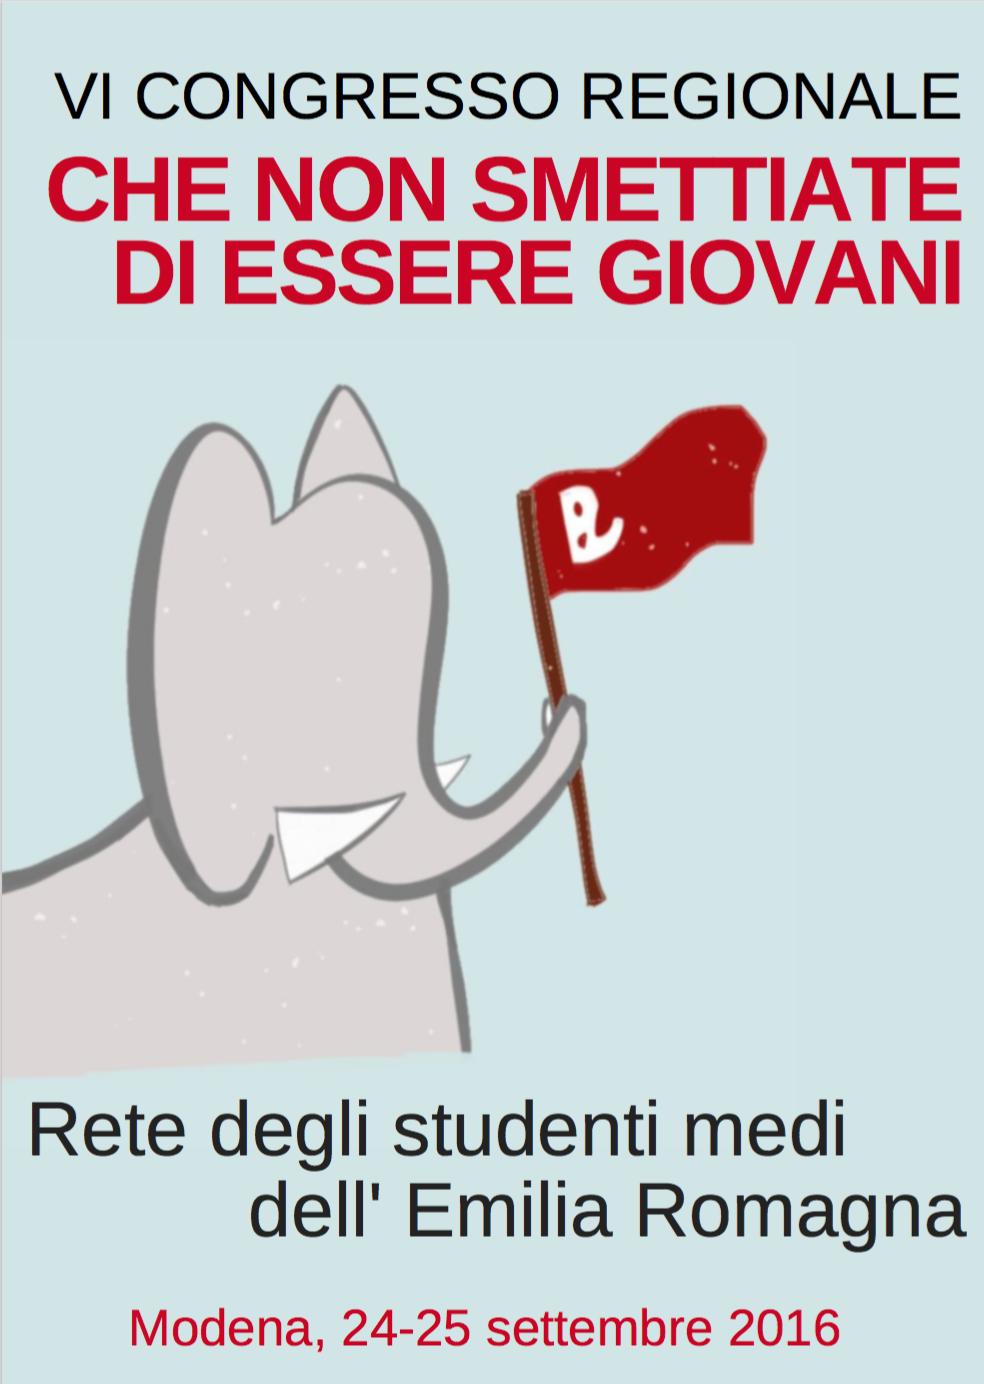 VI Congresso Regionale della Rete degli Studenti Medi dell'Emilia Romagna